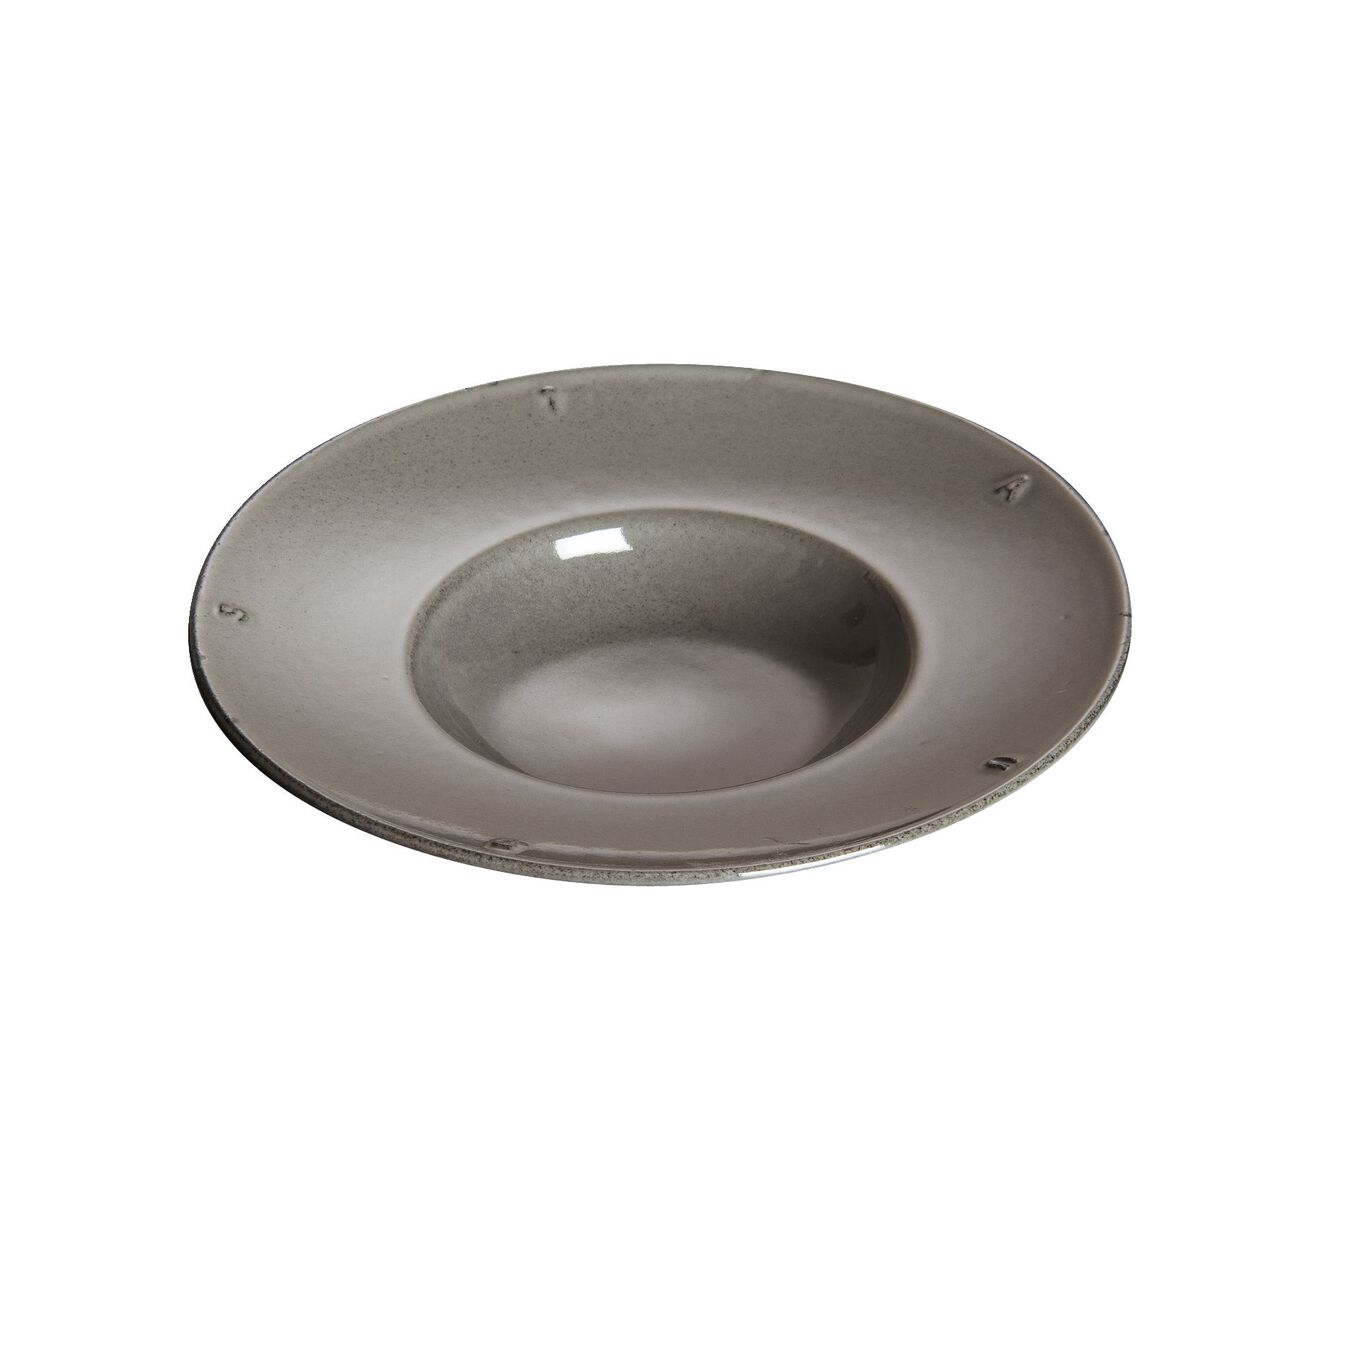 Assiette 21 cm, Gris graphite, Fonte,,large 3